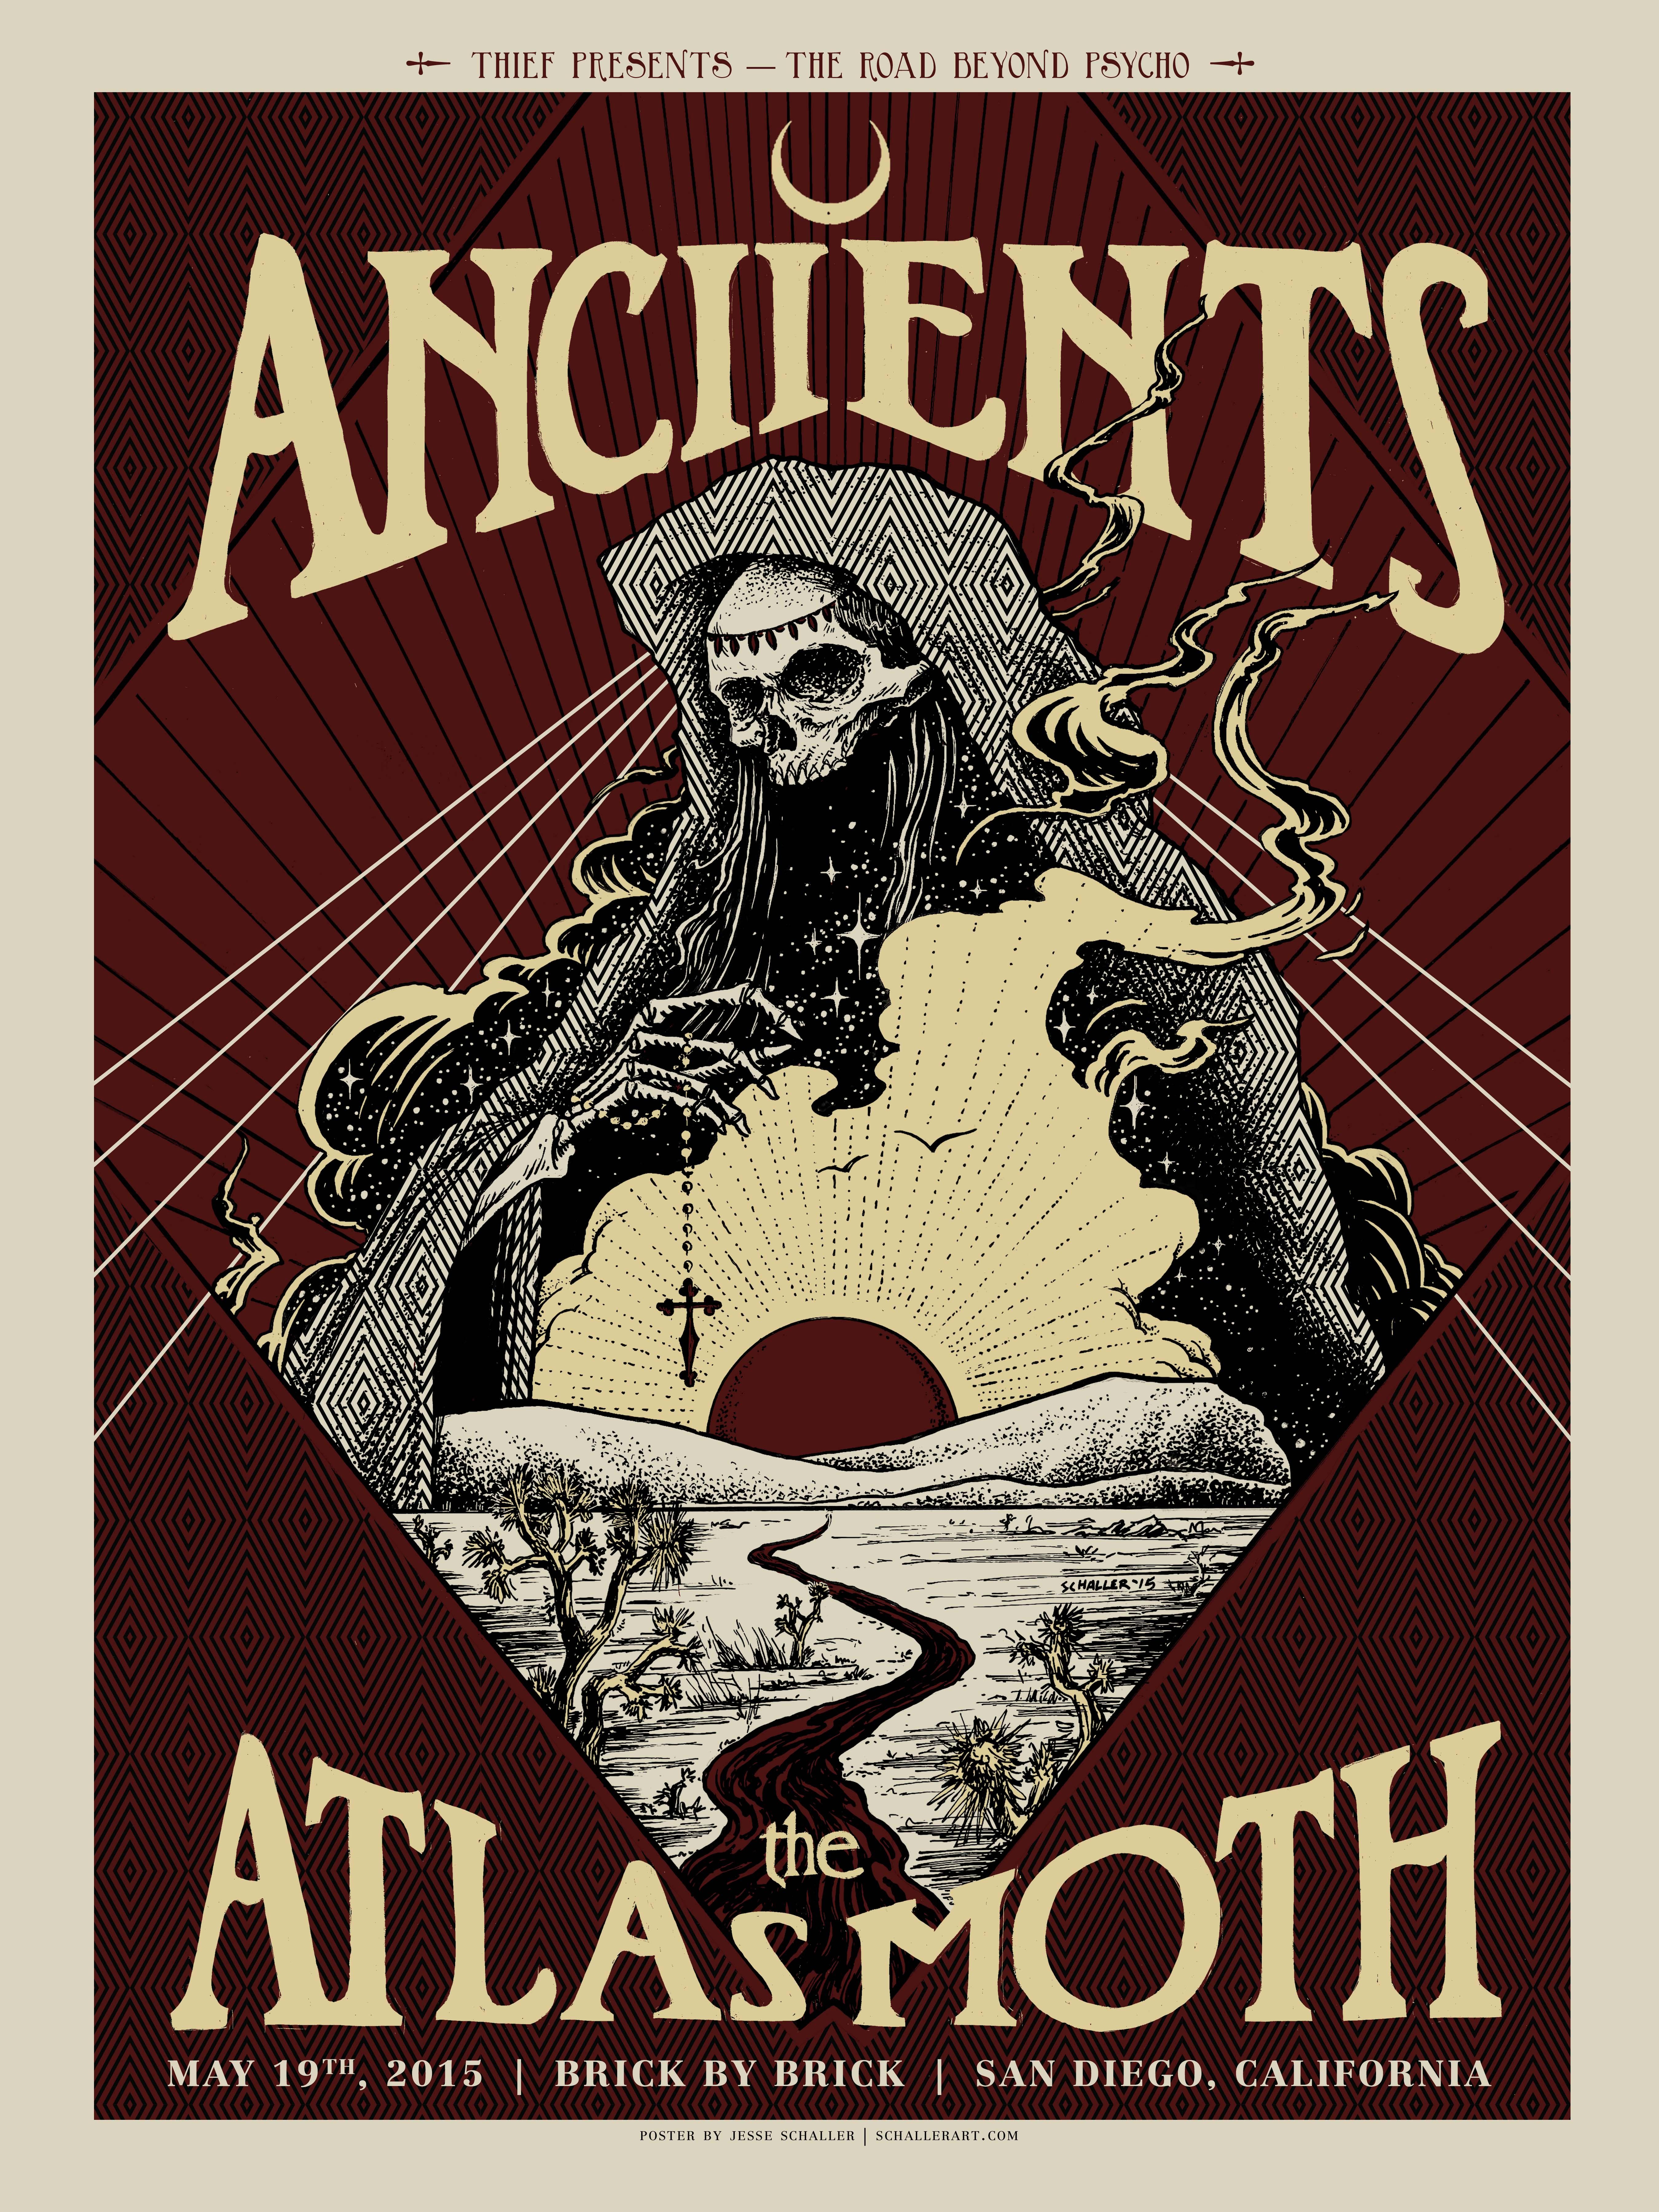 Anciients-Atlas-Moth-Psycho-CA-San-Diego